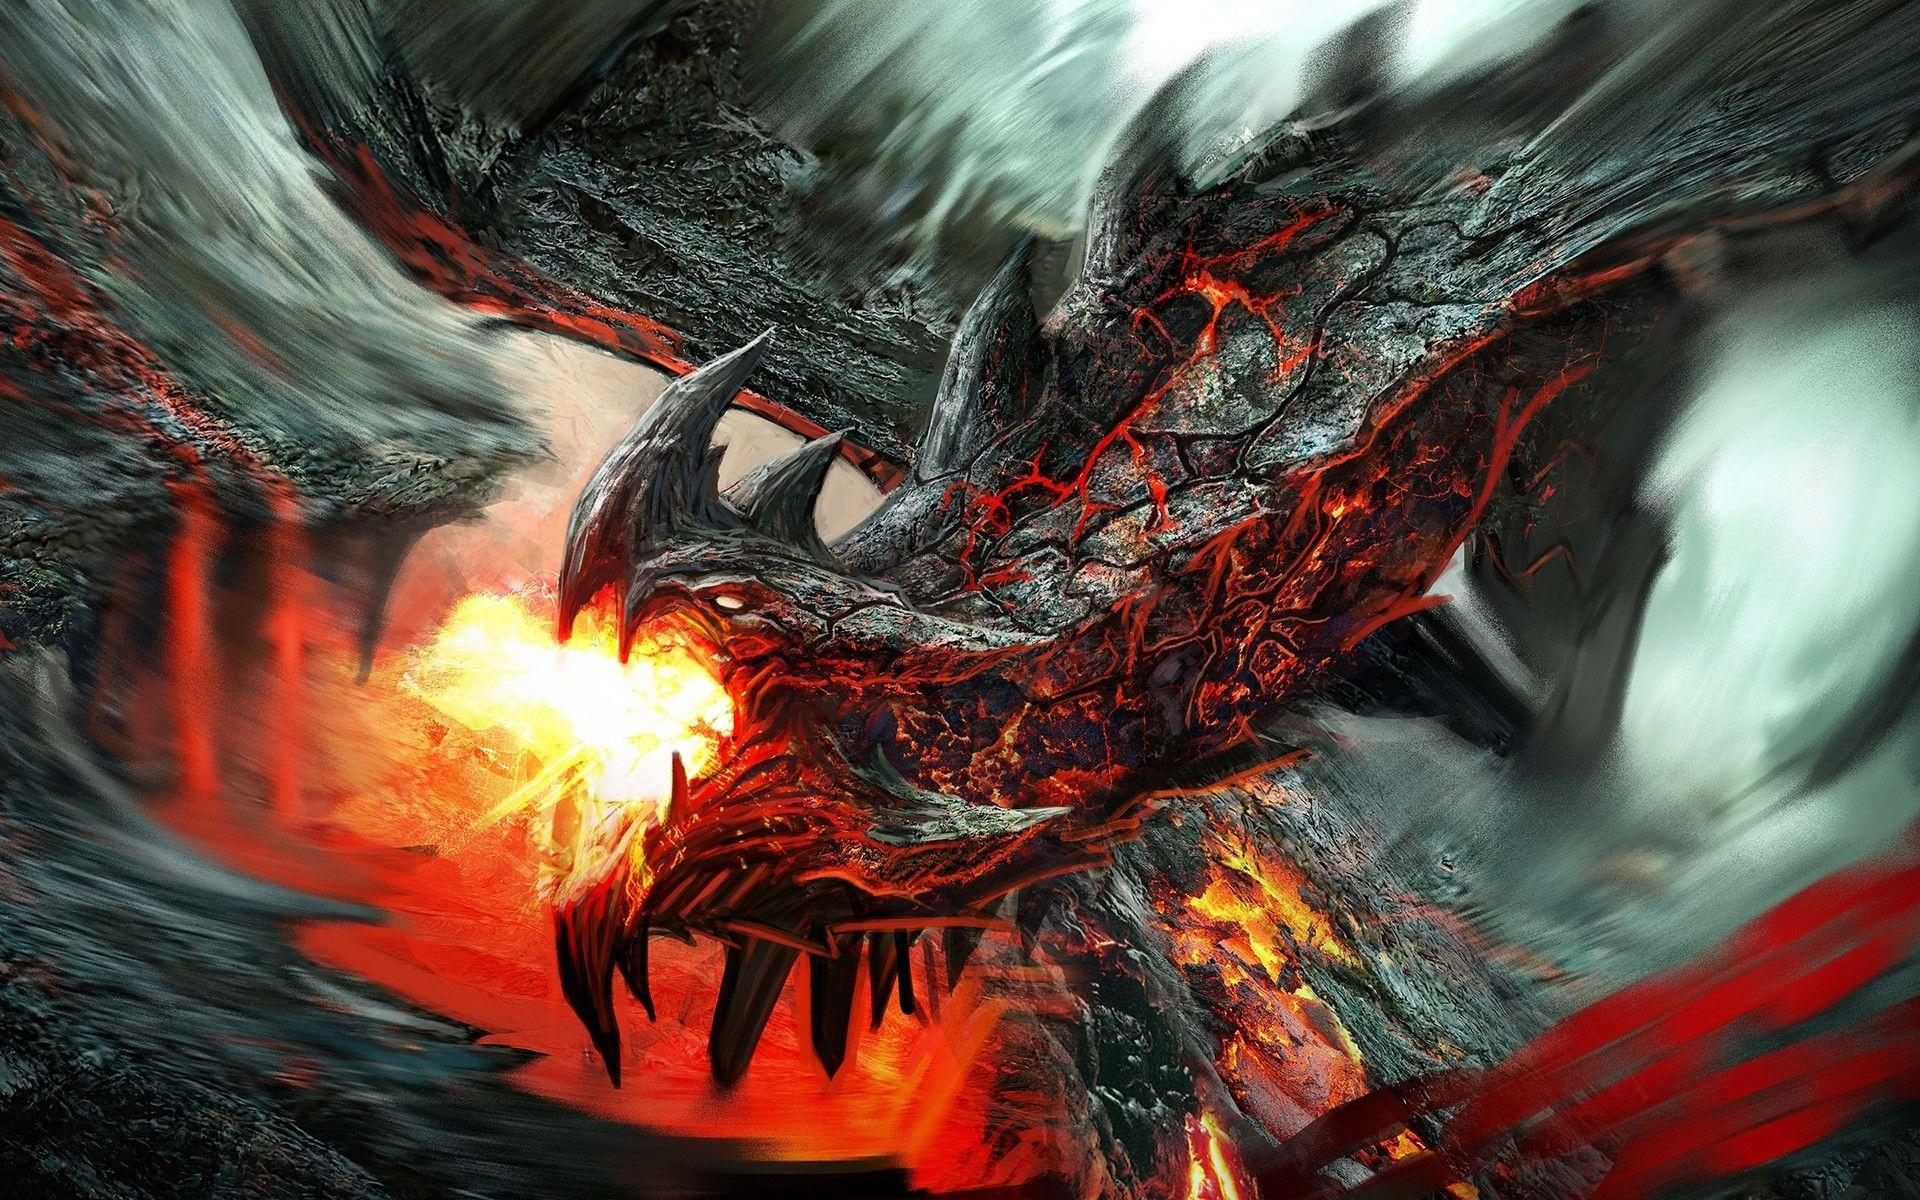 fire-breathing dragon   fire breathing lava dragon hd wallpaper